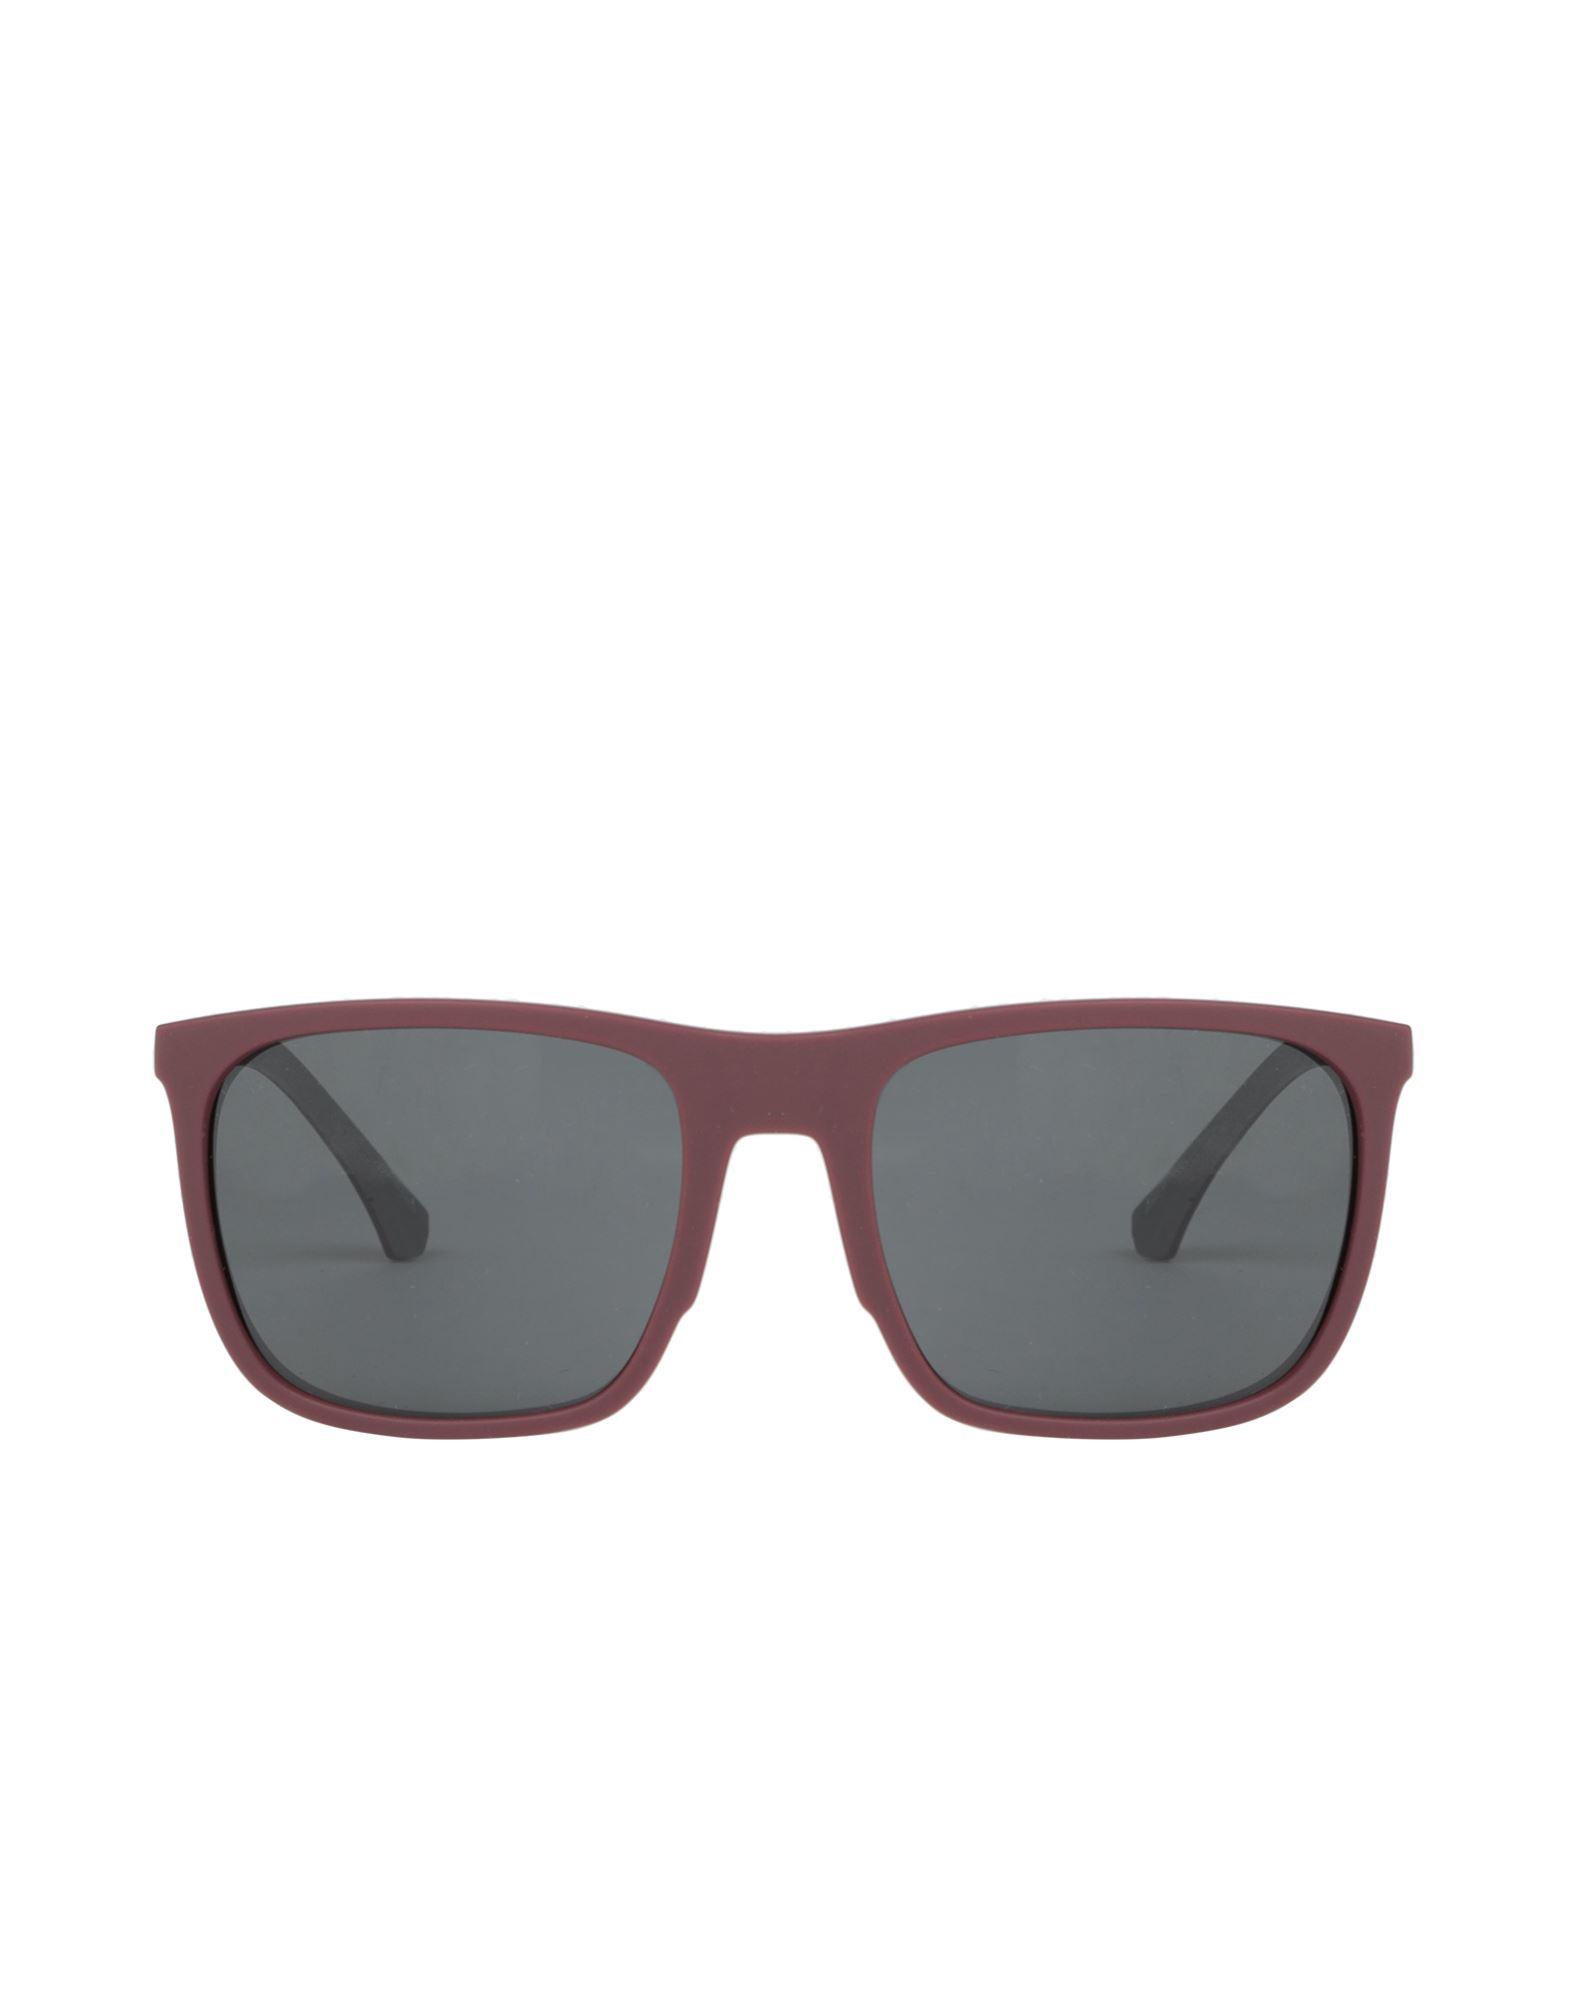 EMPORIO ARMANI Sunglasses - Item 46737671